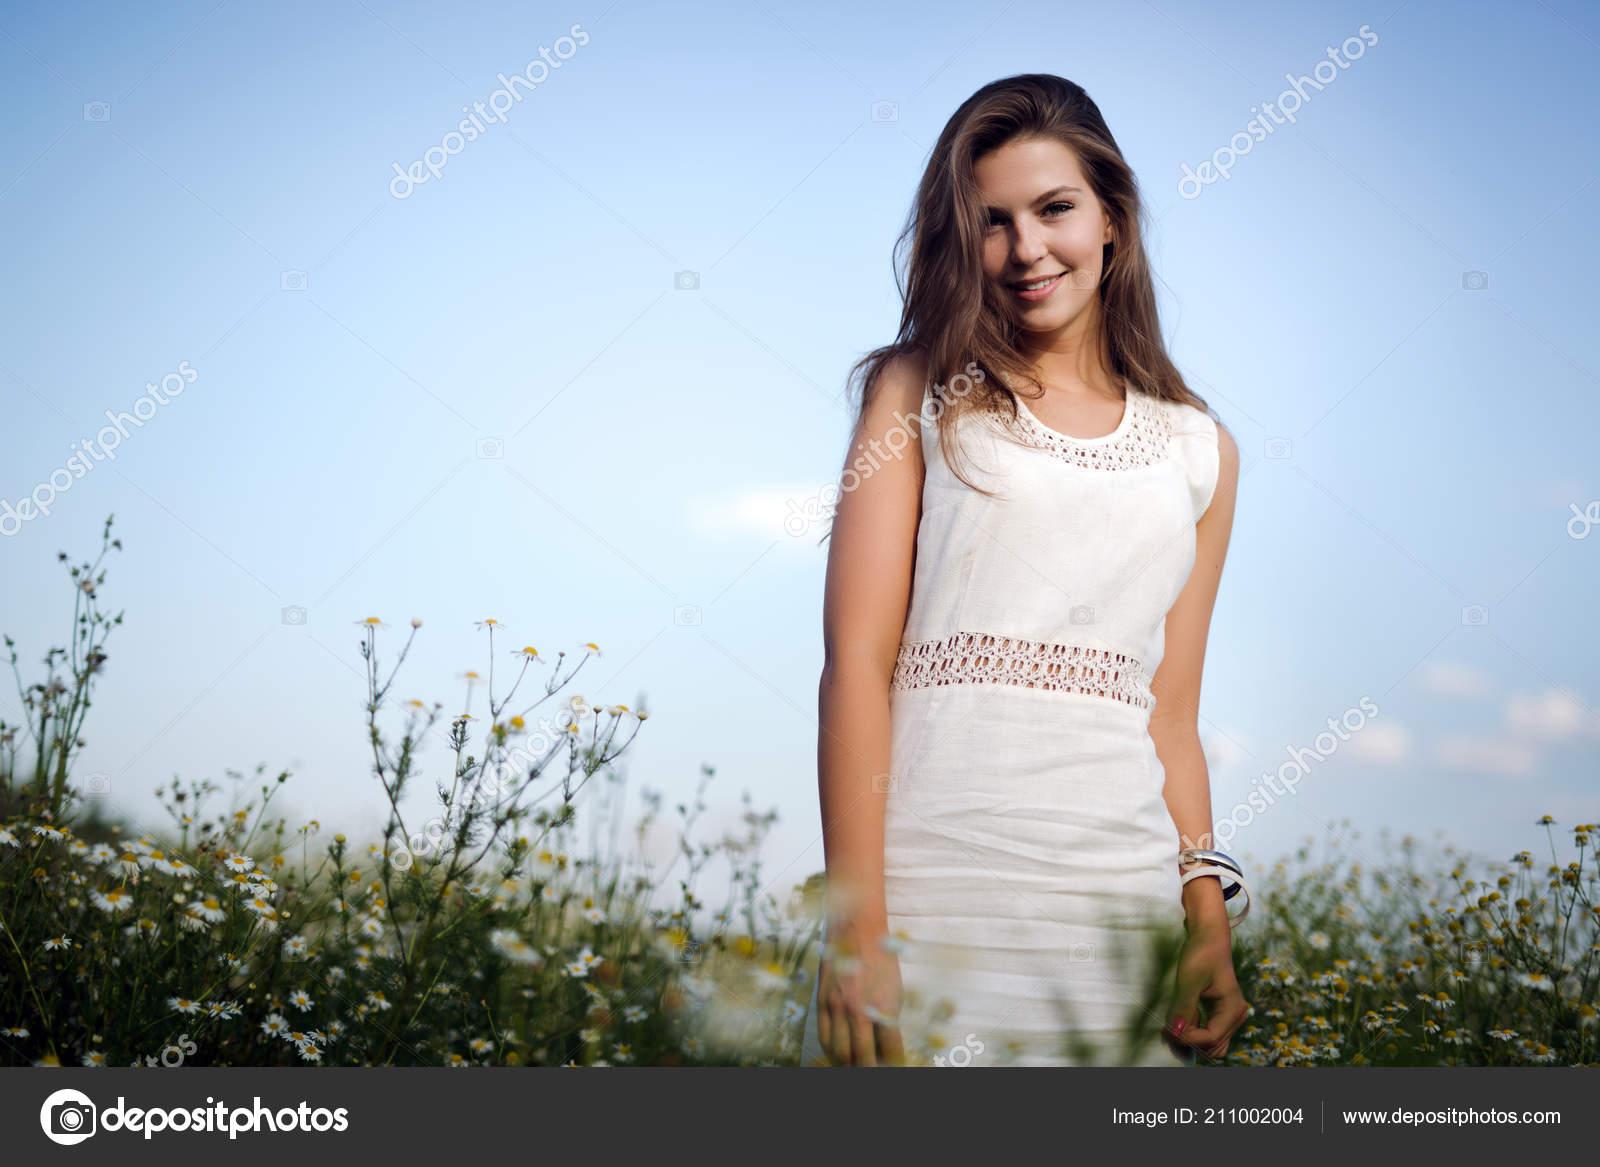 4e4df9676a Junge Schöne Glückliche Frau Die Viel Zeit Der Natur — Stockfoto ...